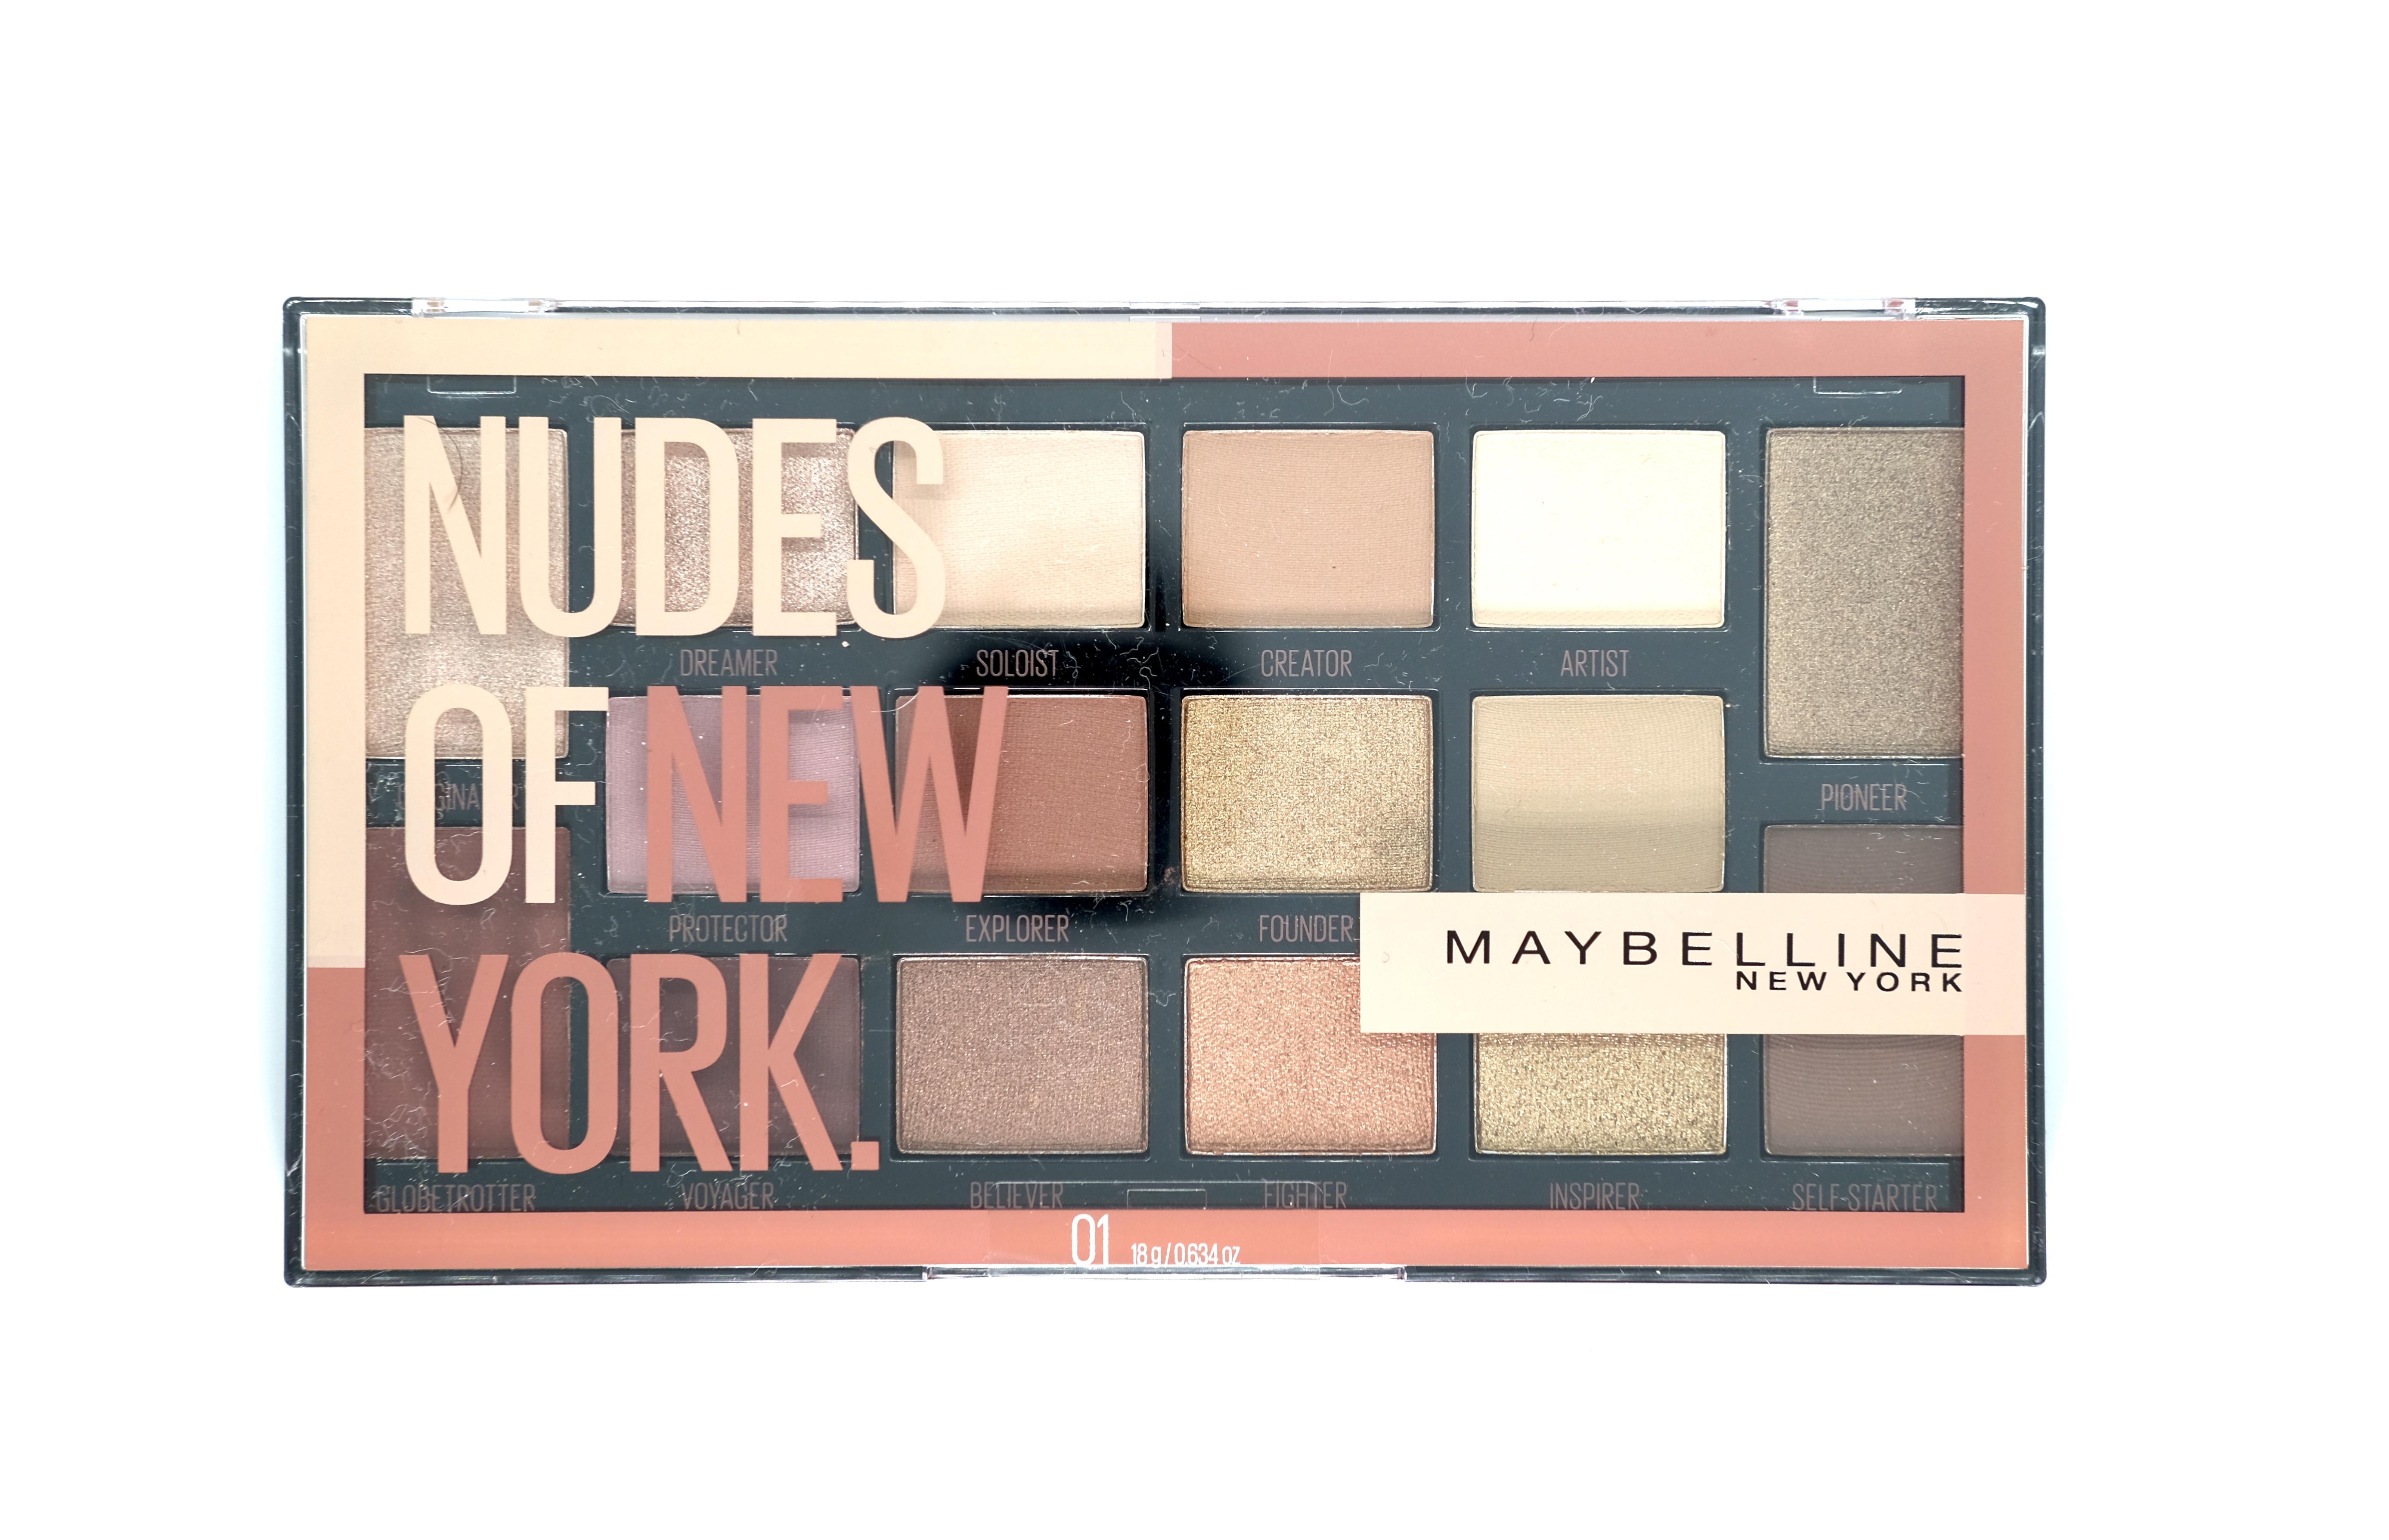 Nudes of New York Eye Shadow Pallette es una opción compacta y fácil de combinar que Maybelline New York te ofrece esta temporada. La paleta consta de 16 tonos neutrales universales, algunos con acabado matte y otros brillosos, que puedes llevar solos o combinar entre sí. (Suministrada)